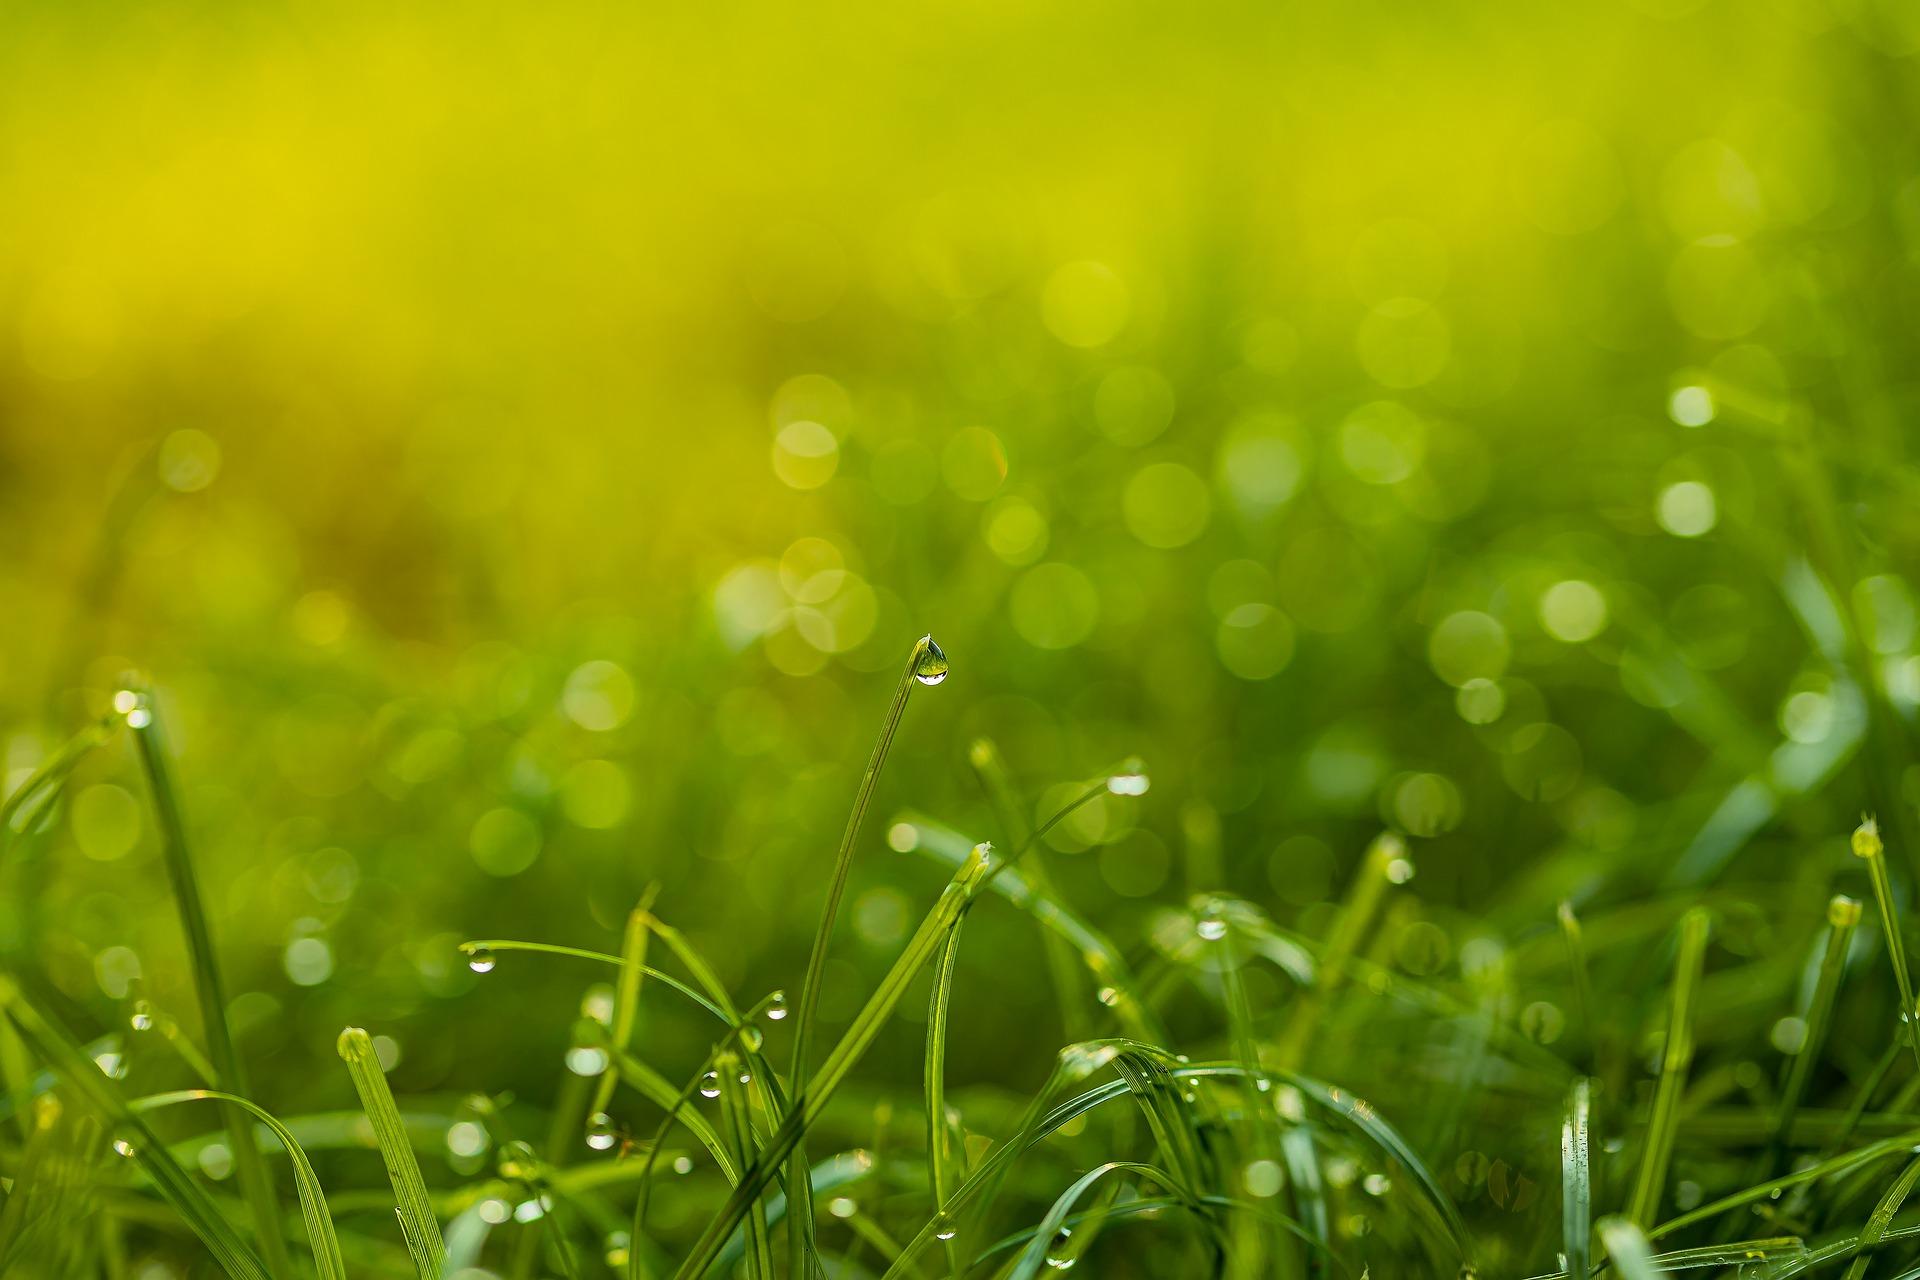 grass 4433605 1920